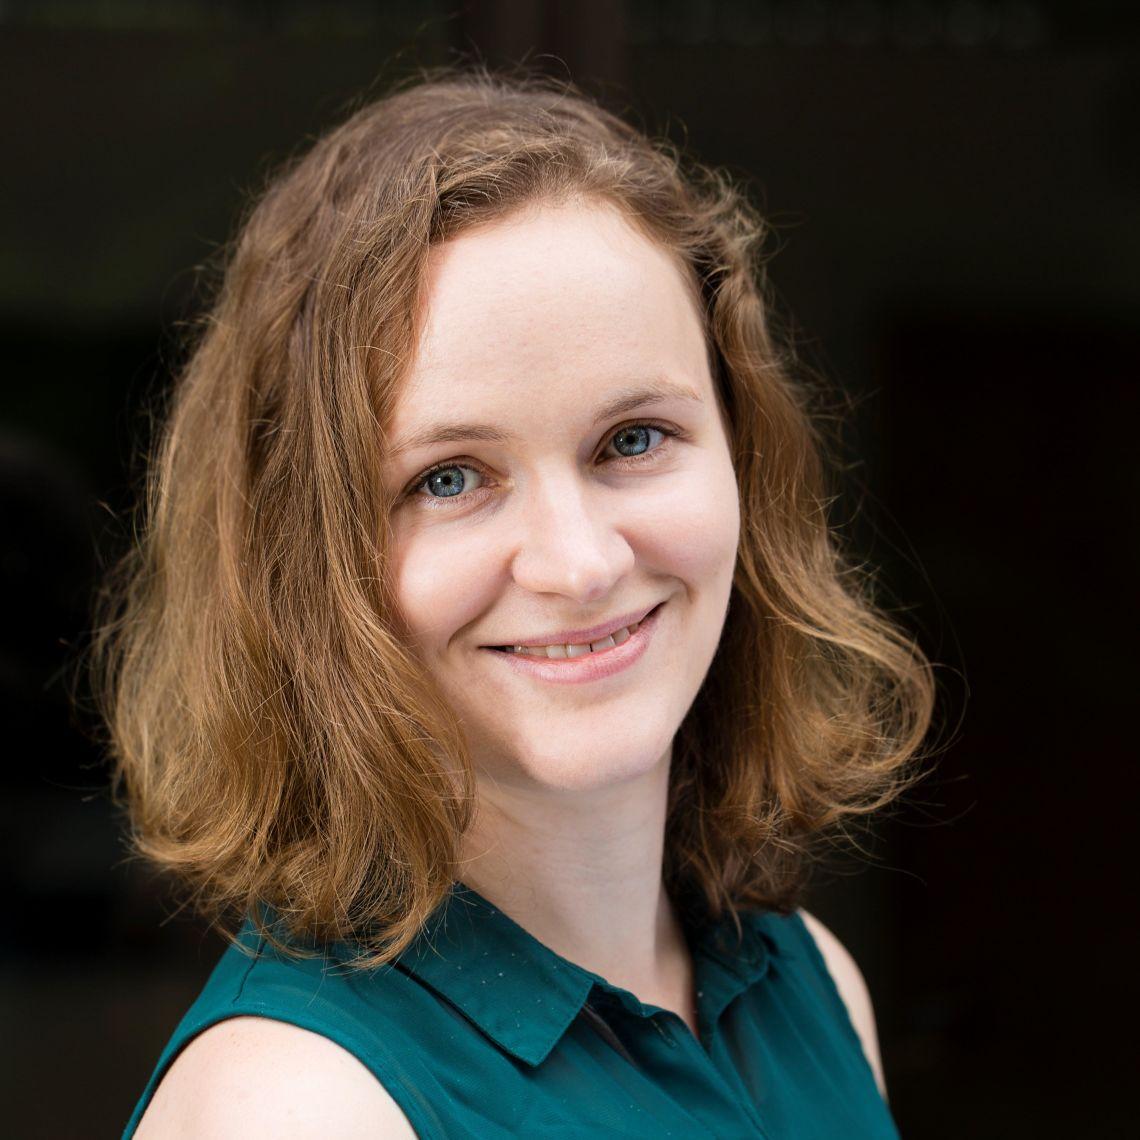 Jessica Lorimer